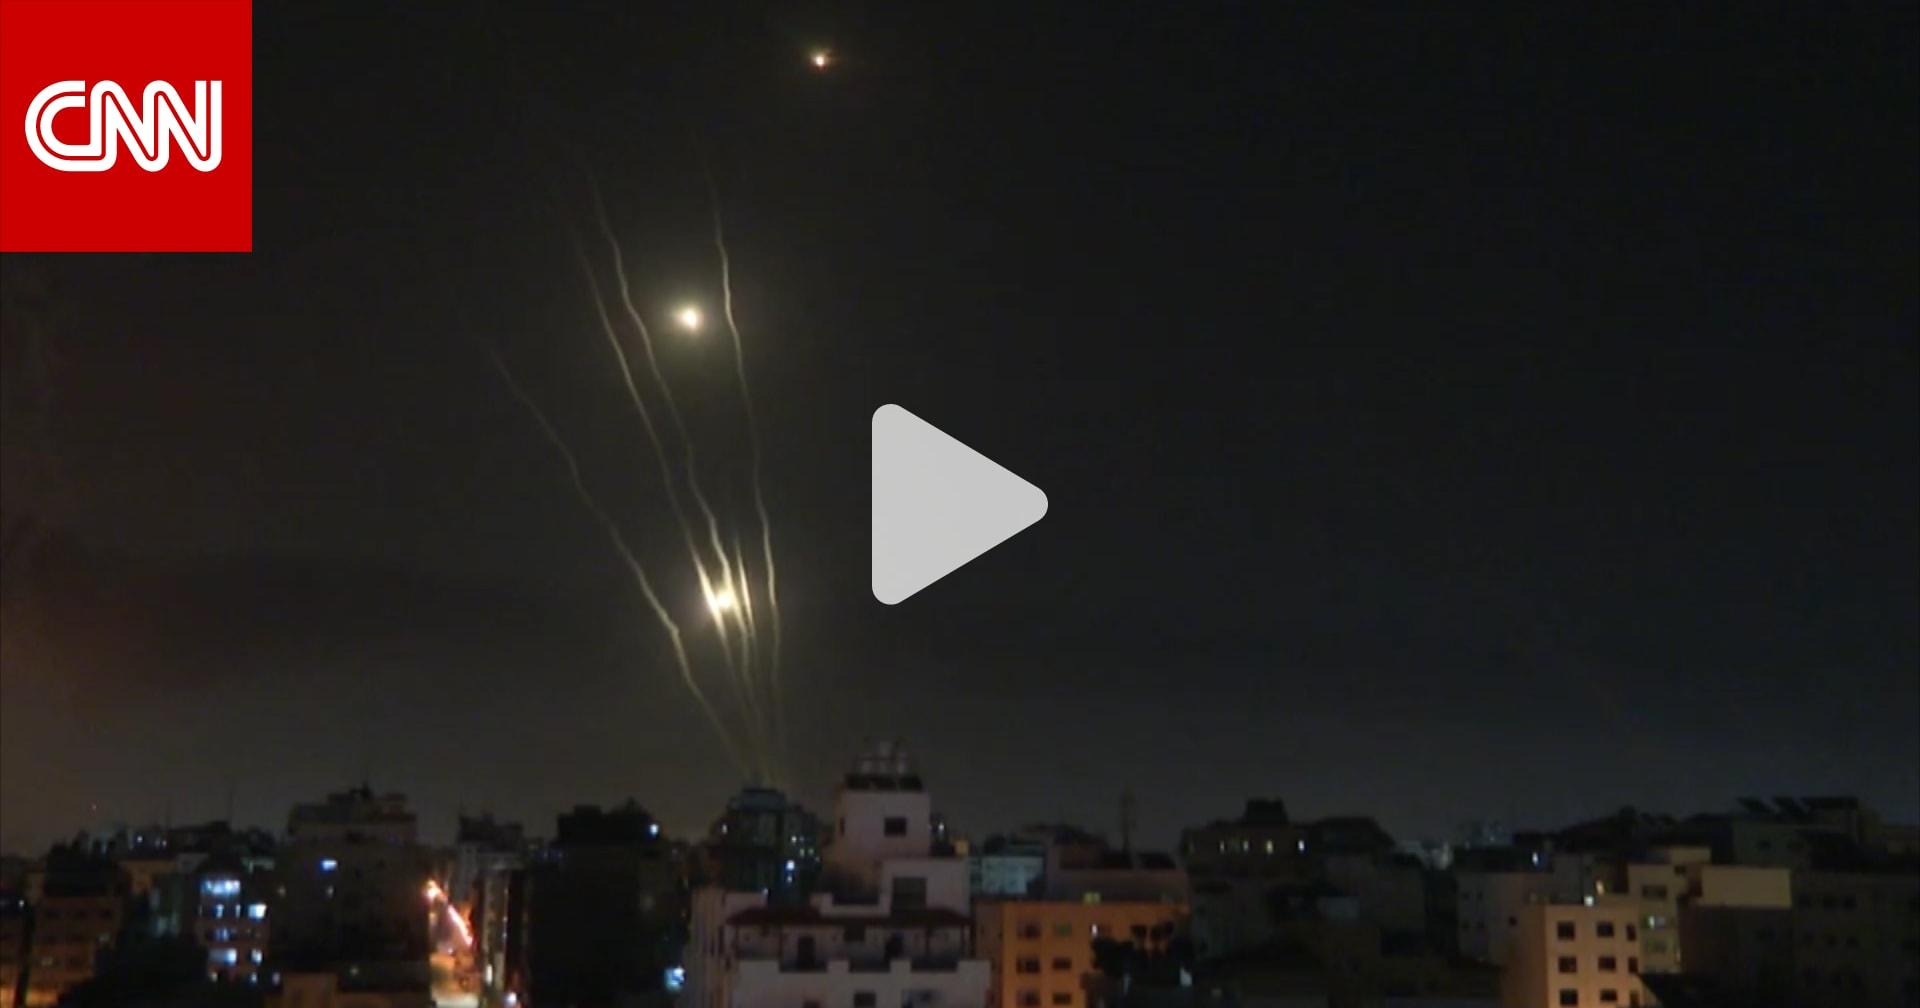 لحظة إطلاق صواريخ من غزة إلى إسرائيل فجر الأربعاء